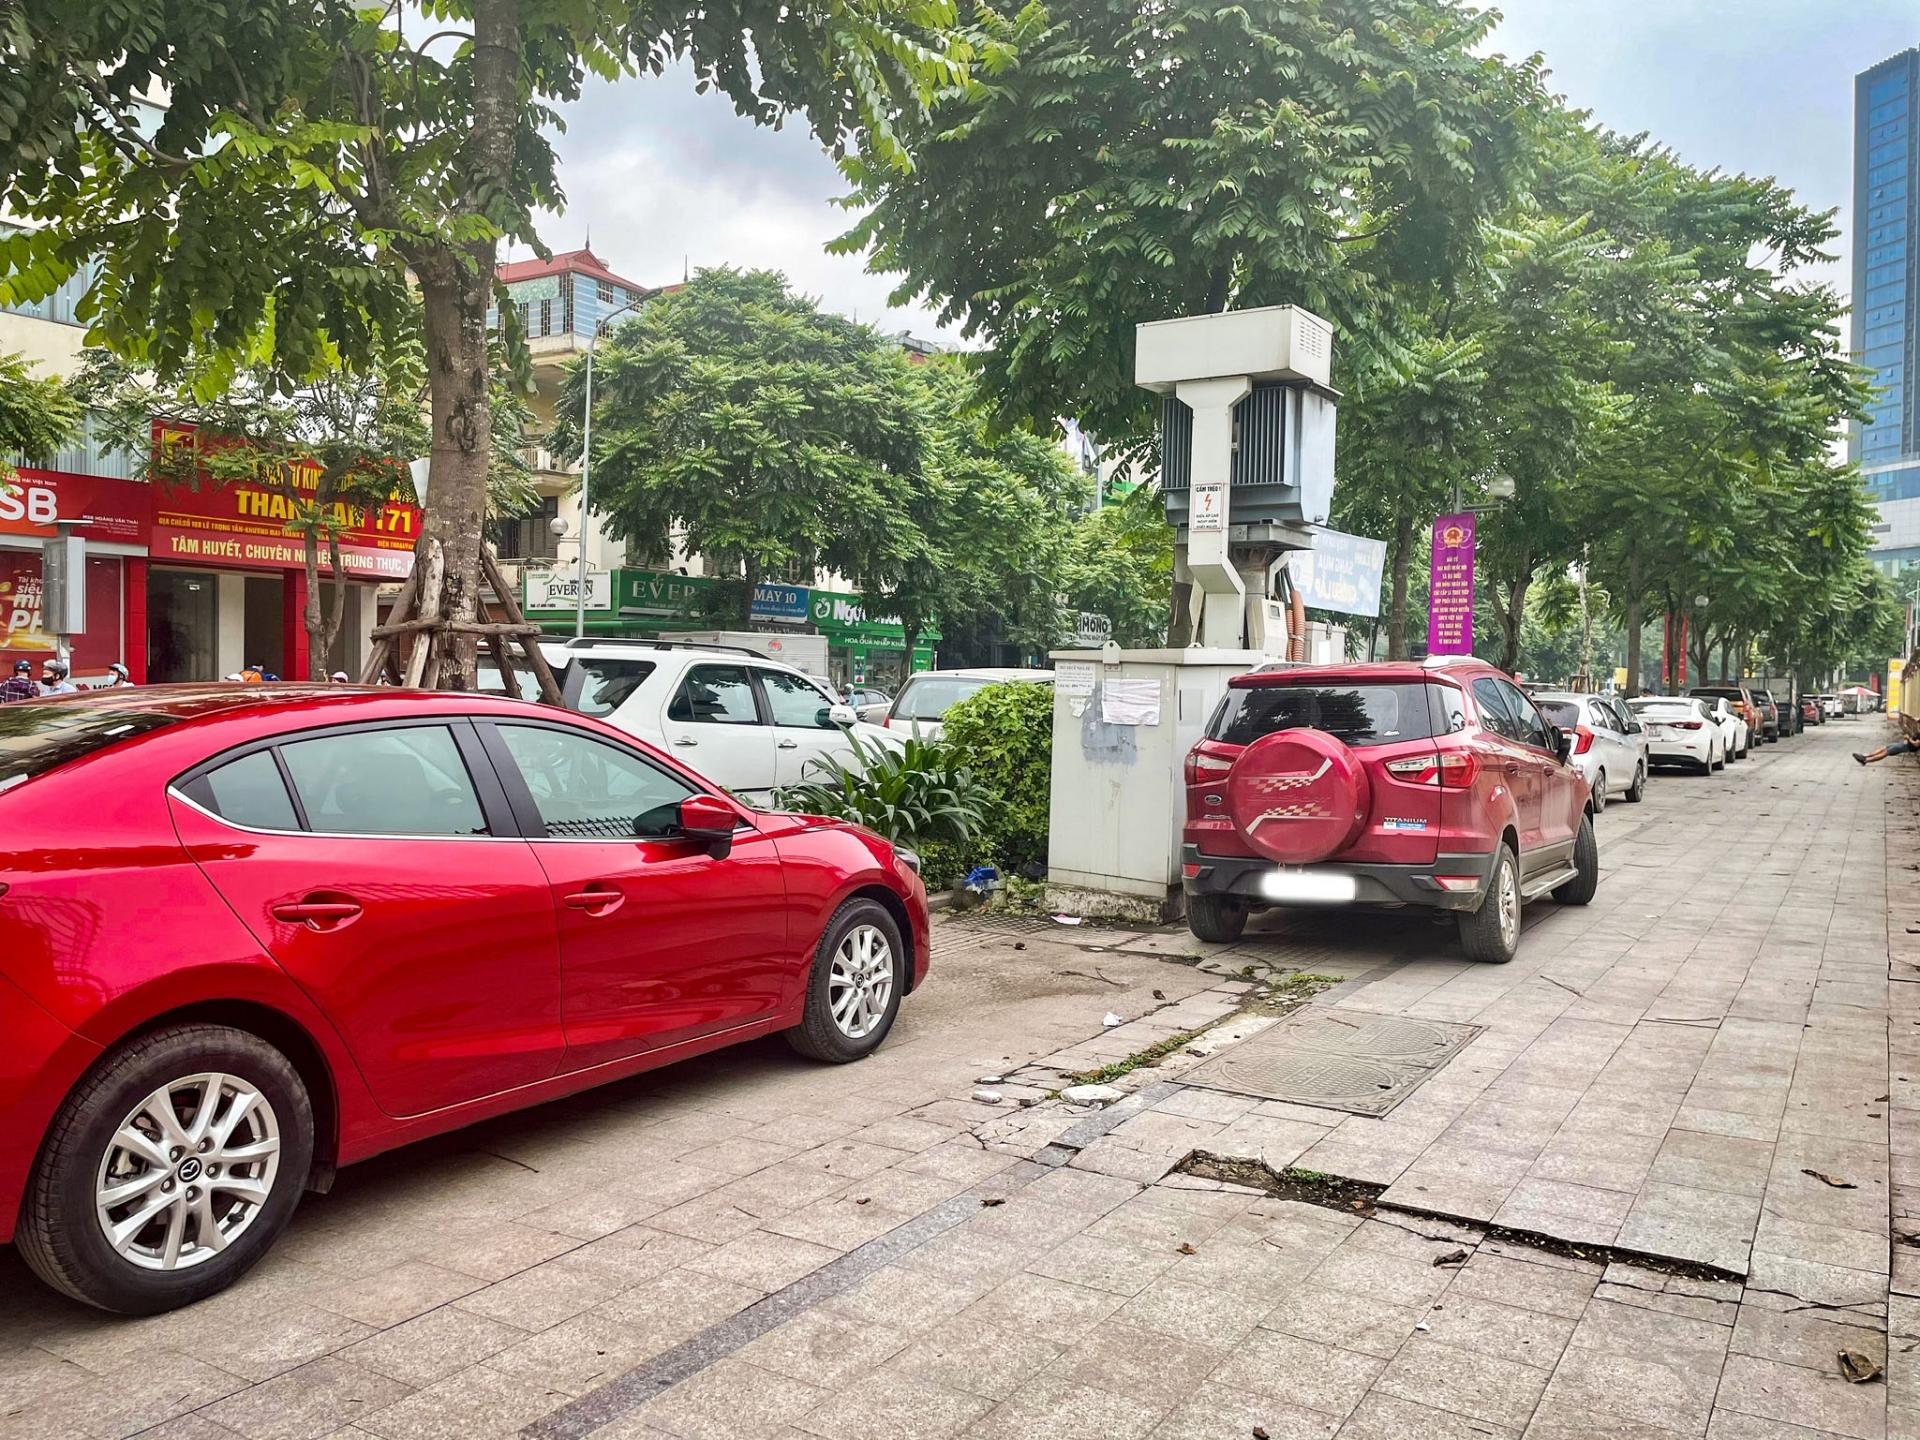 Hà Nội: Phương tiện giao thông đậu, đỗ lên vỉa hè khiến đá lát vỡ nát, xuống cấp